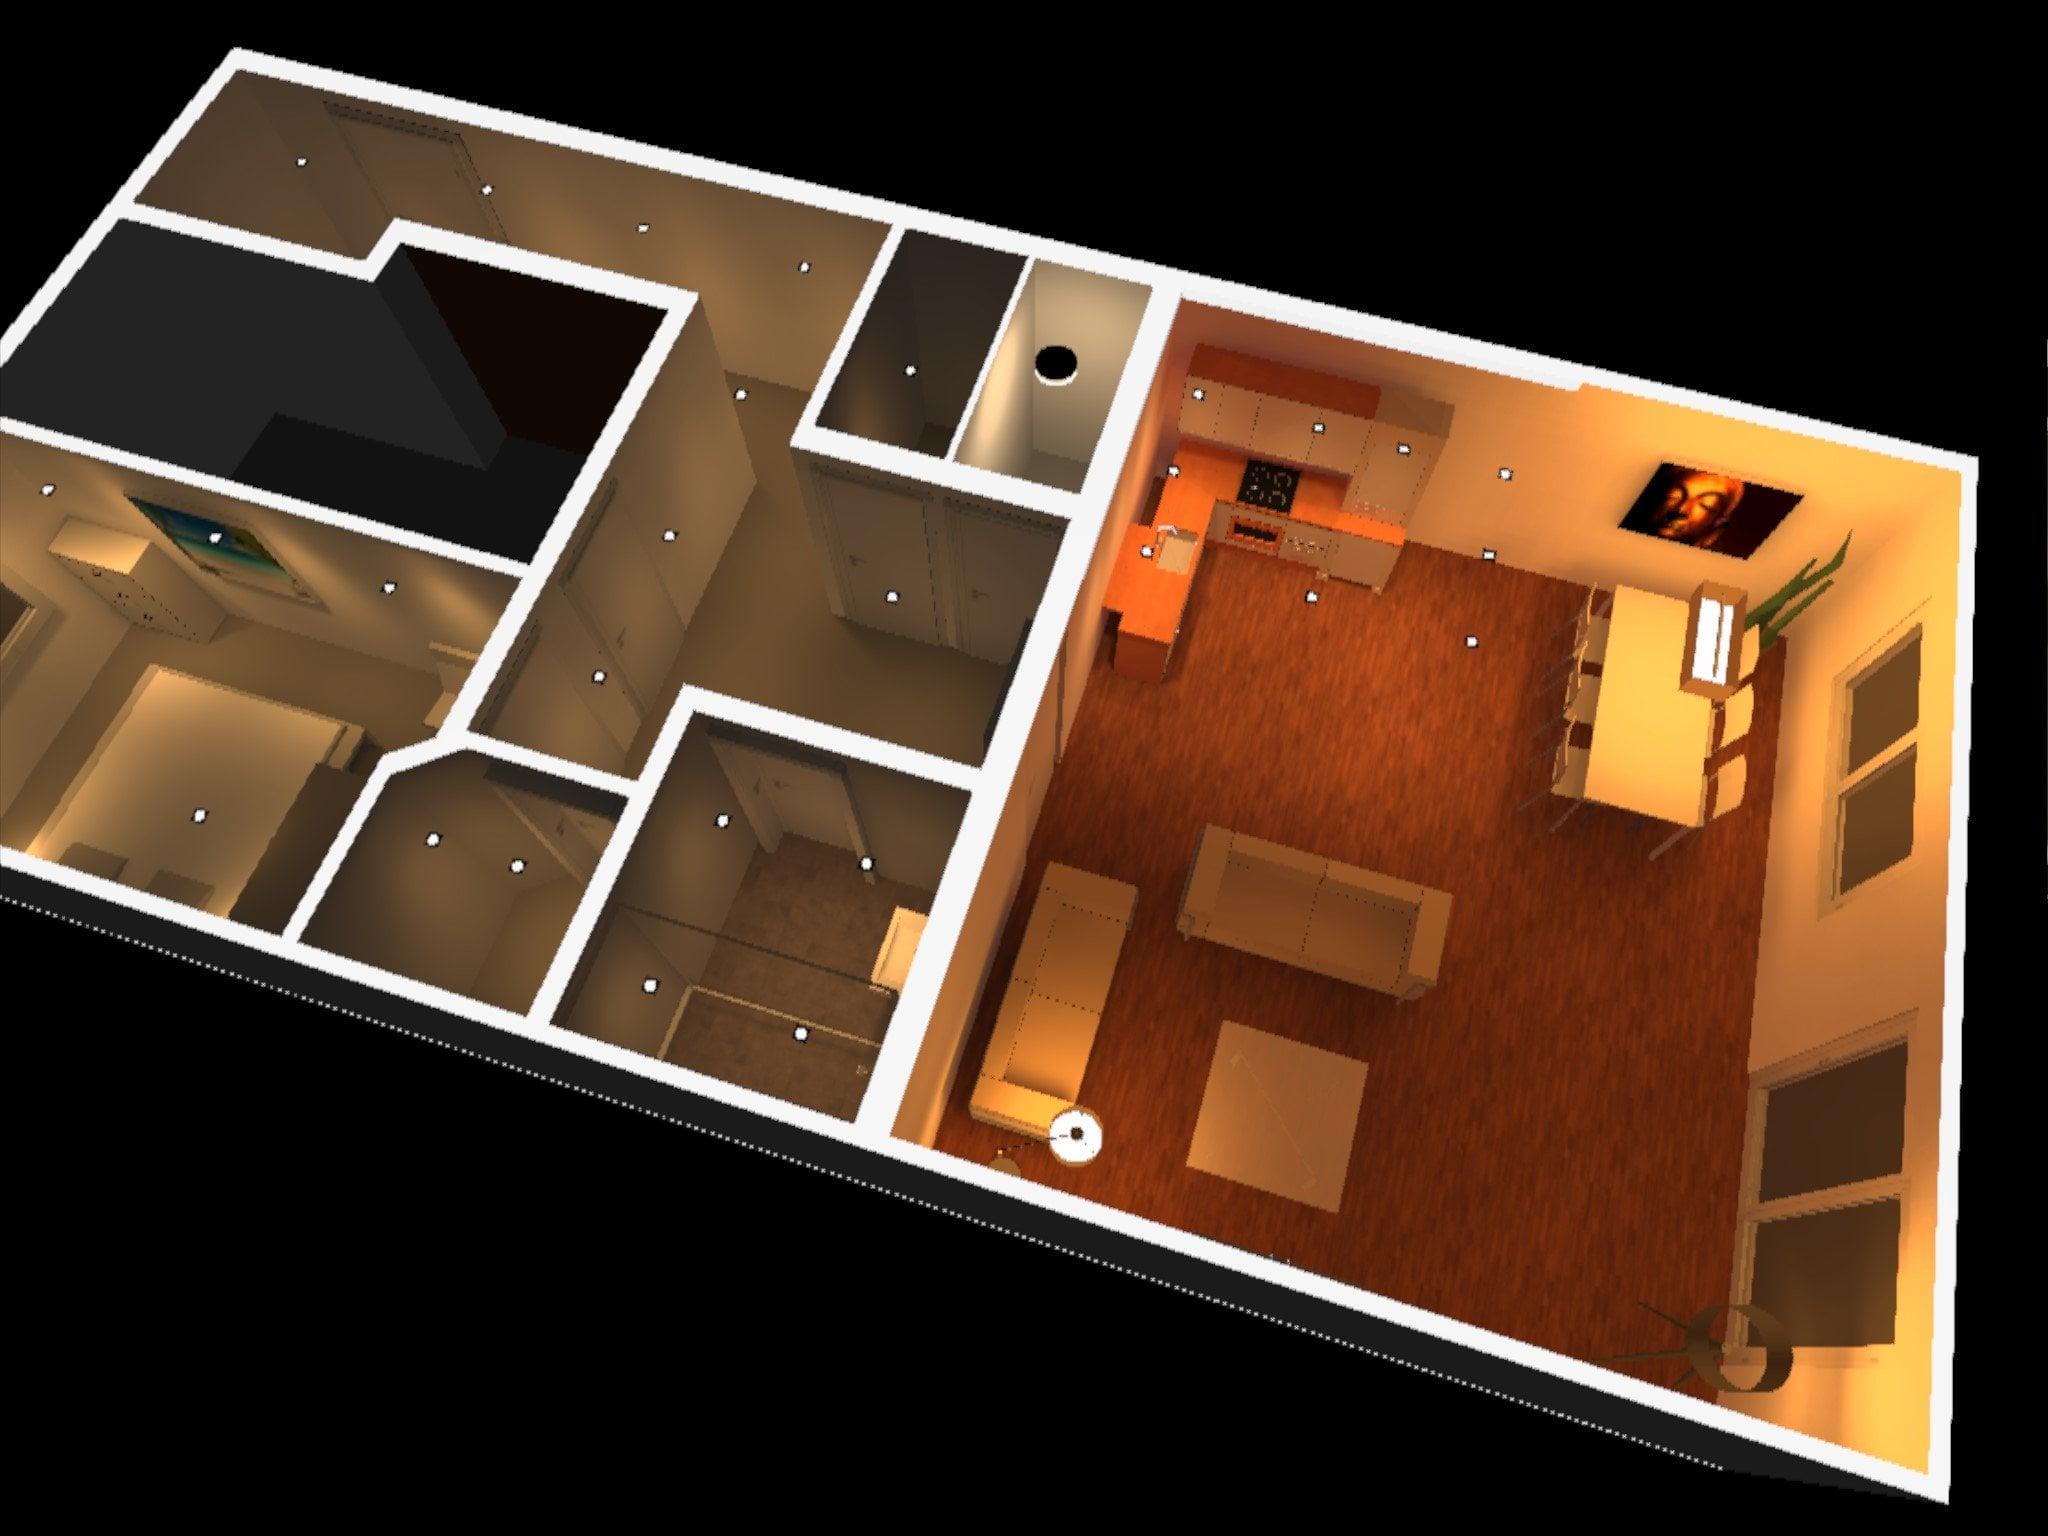 Voorbeeld Lichtplan Woonkamer : Lichtplan in 3d geeft duidelijkheid trimless led inbouwspots